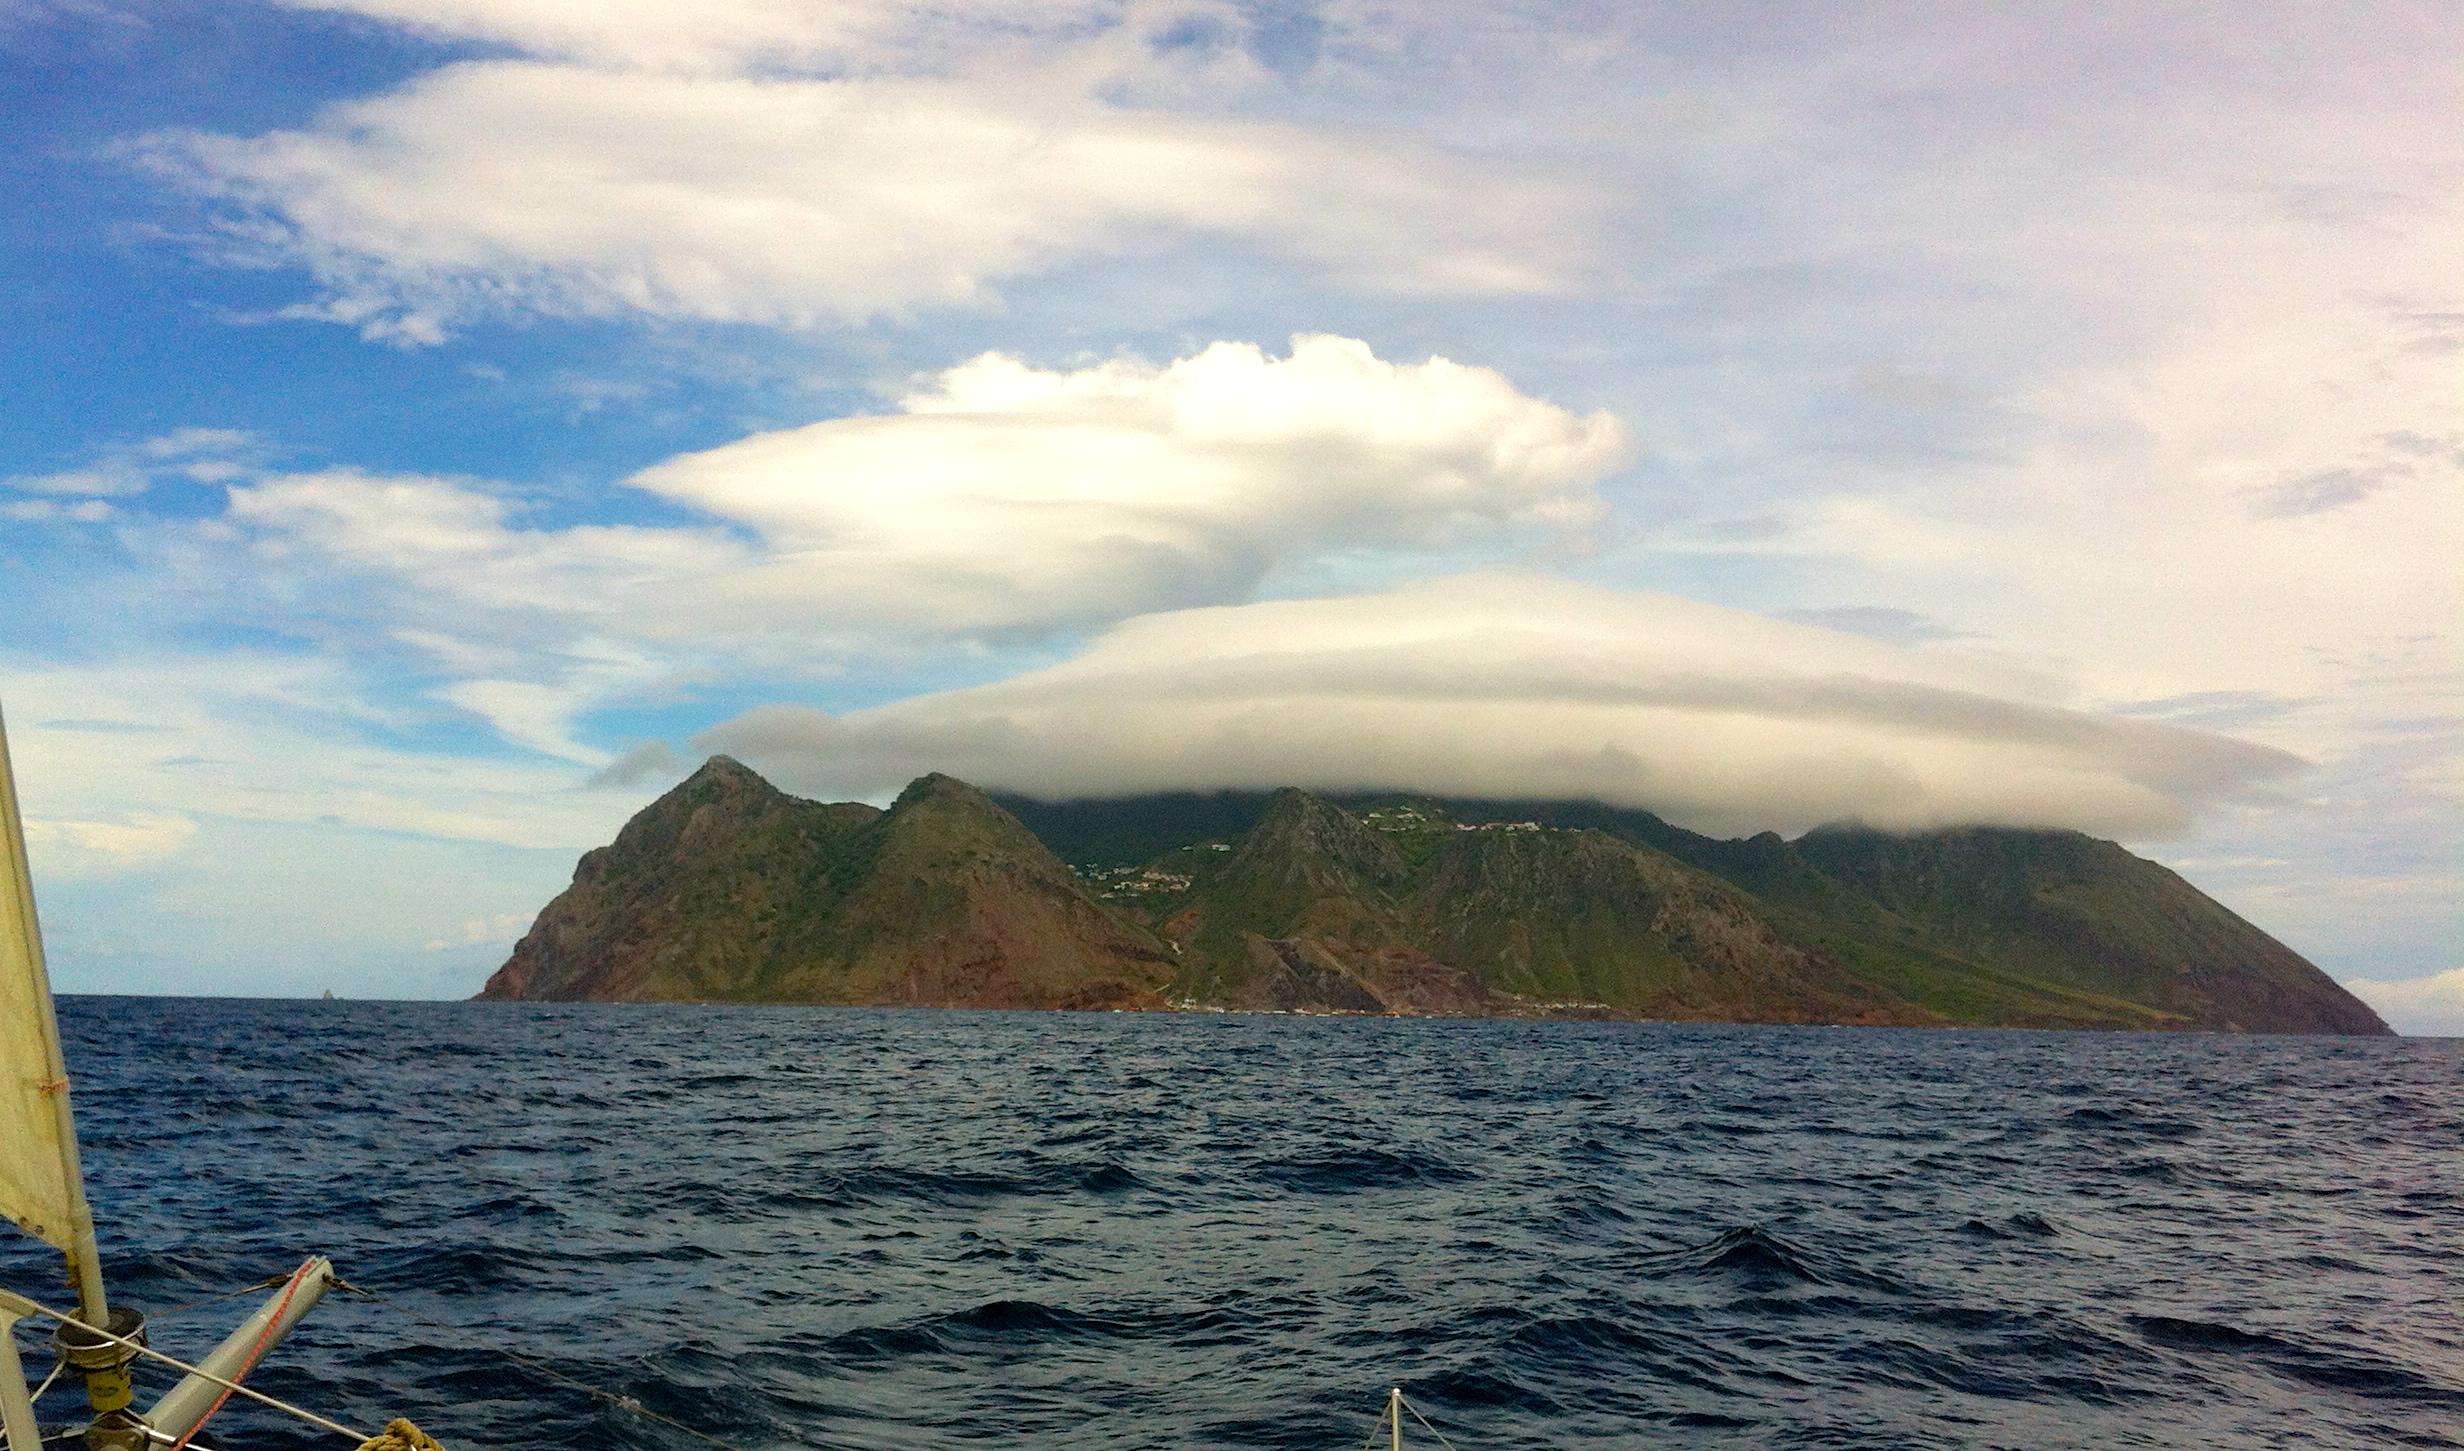 Saba Rock Caribbean Sailing Vacation